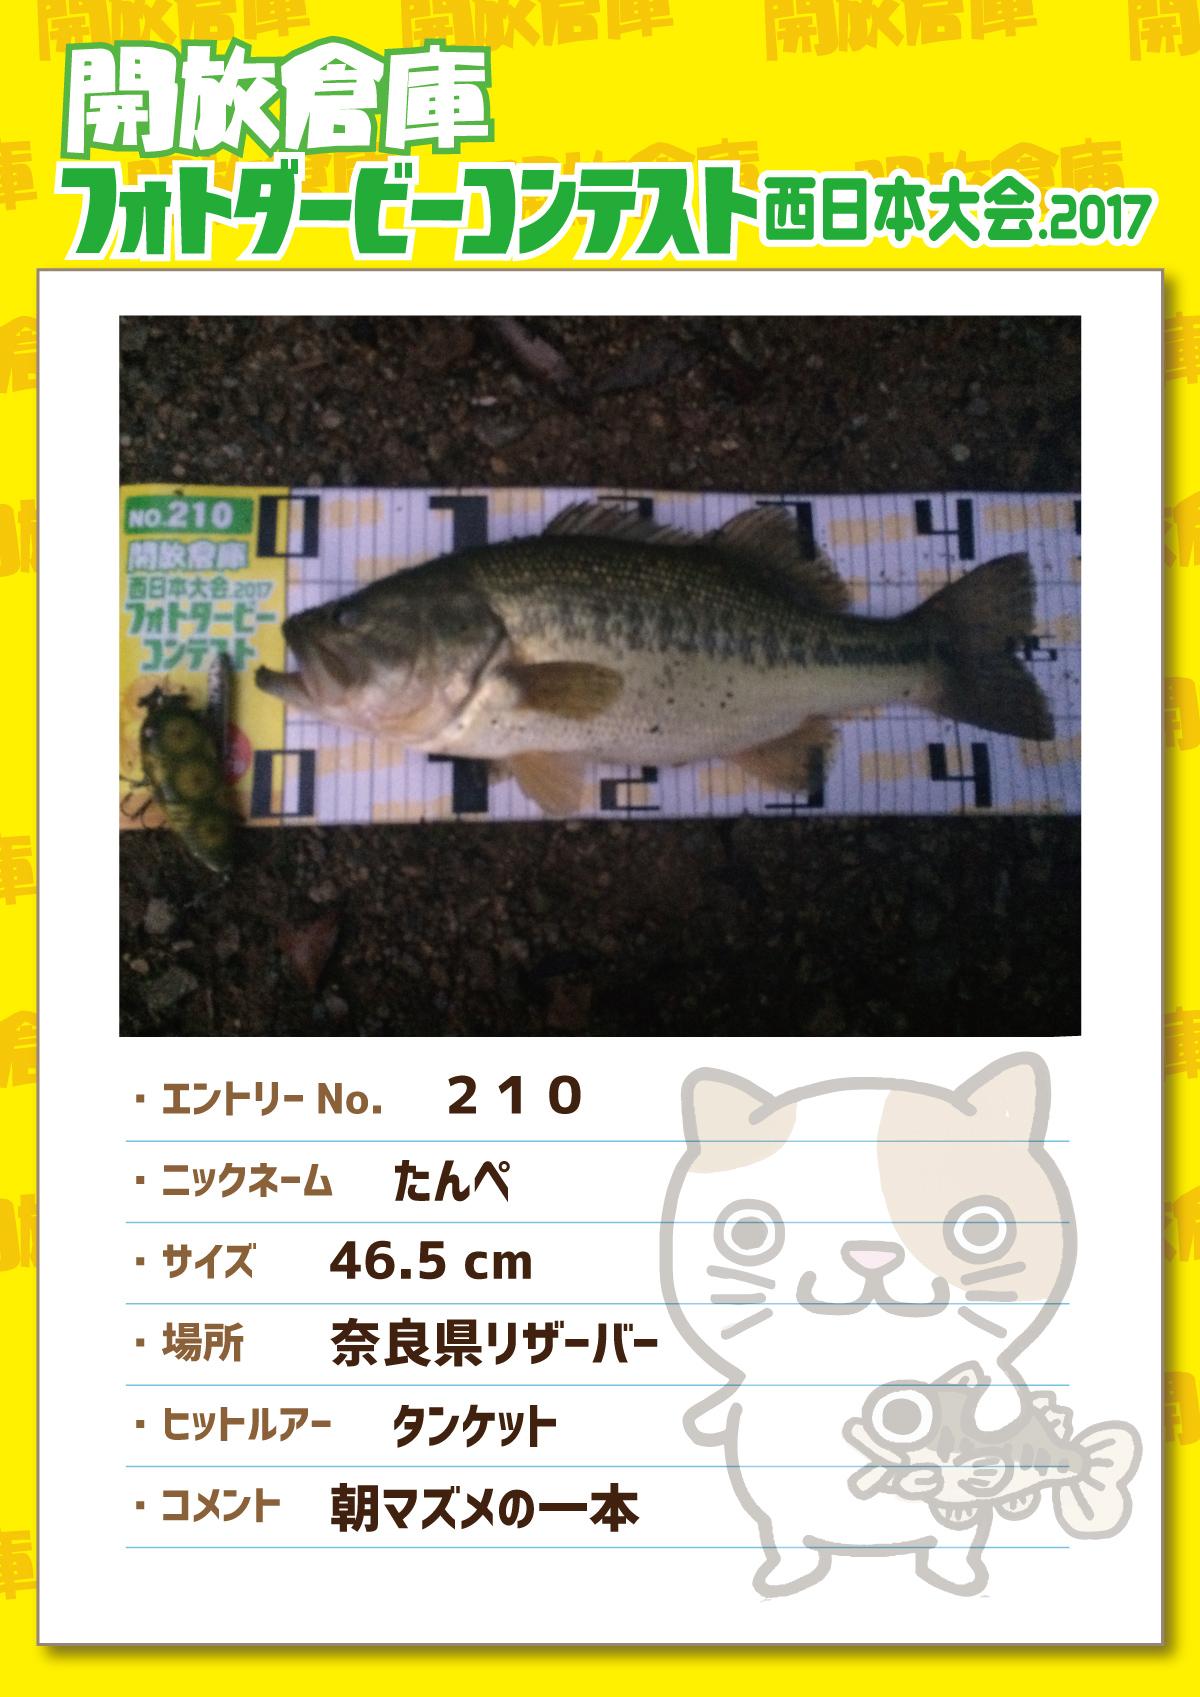 No.210 たんぺ 46.5cm 奈良県リザーバー タンケット 朝マズメの一本